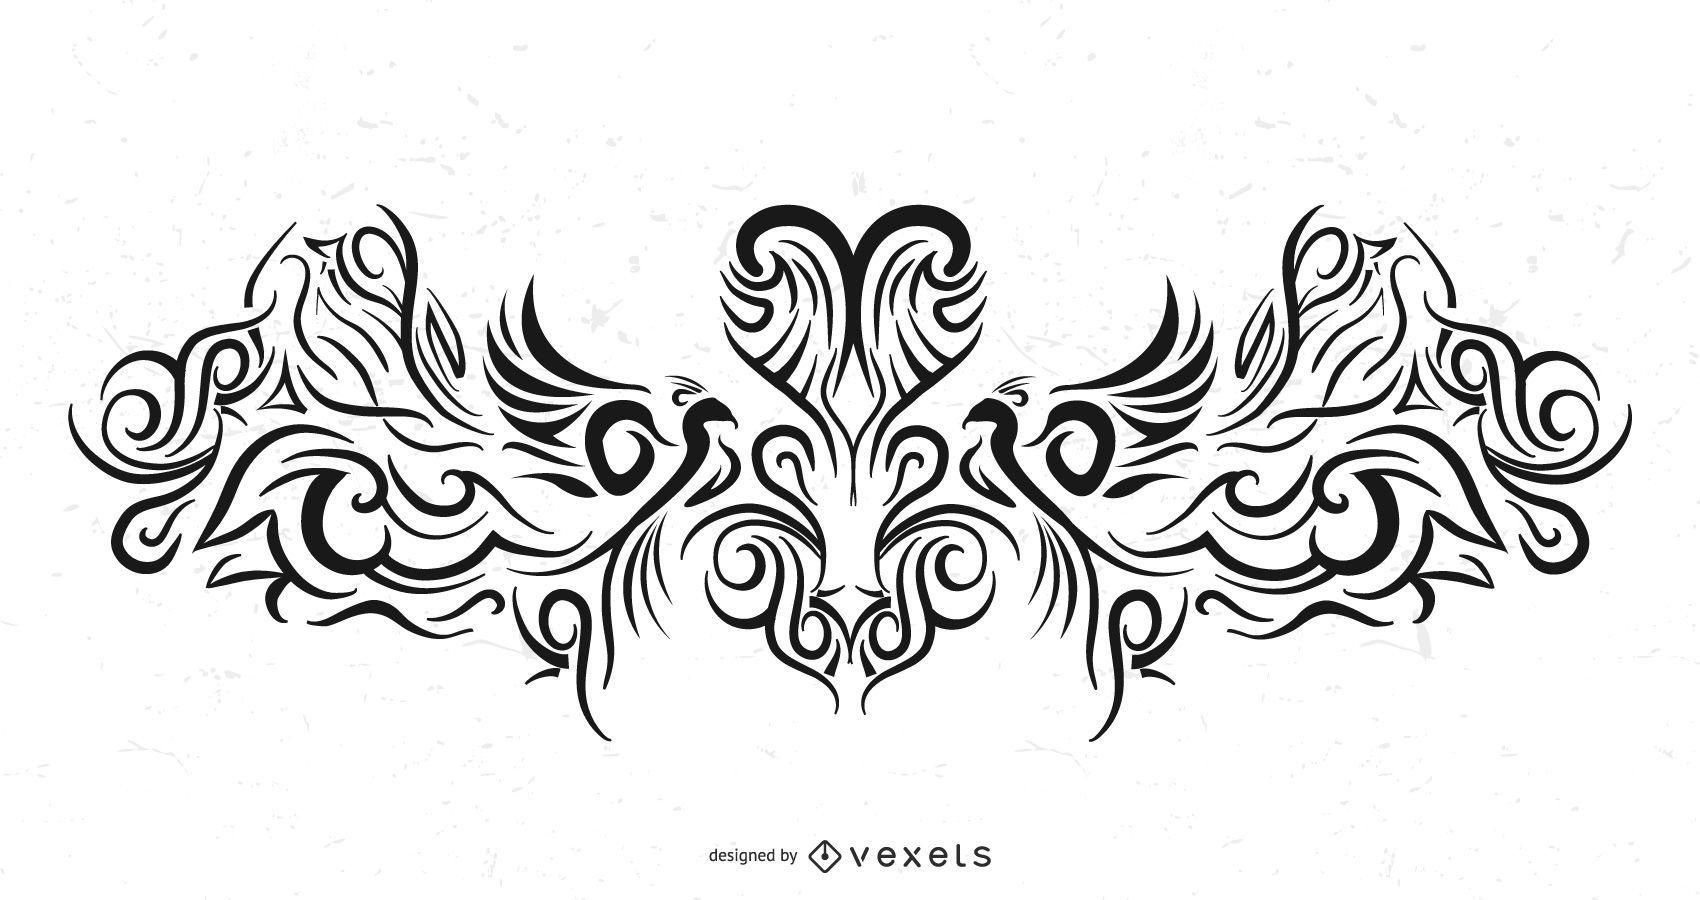 Diseño De Tatuaje Tribal